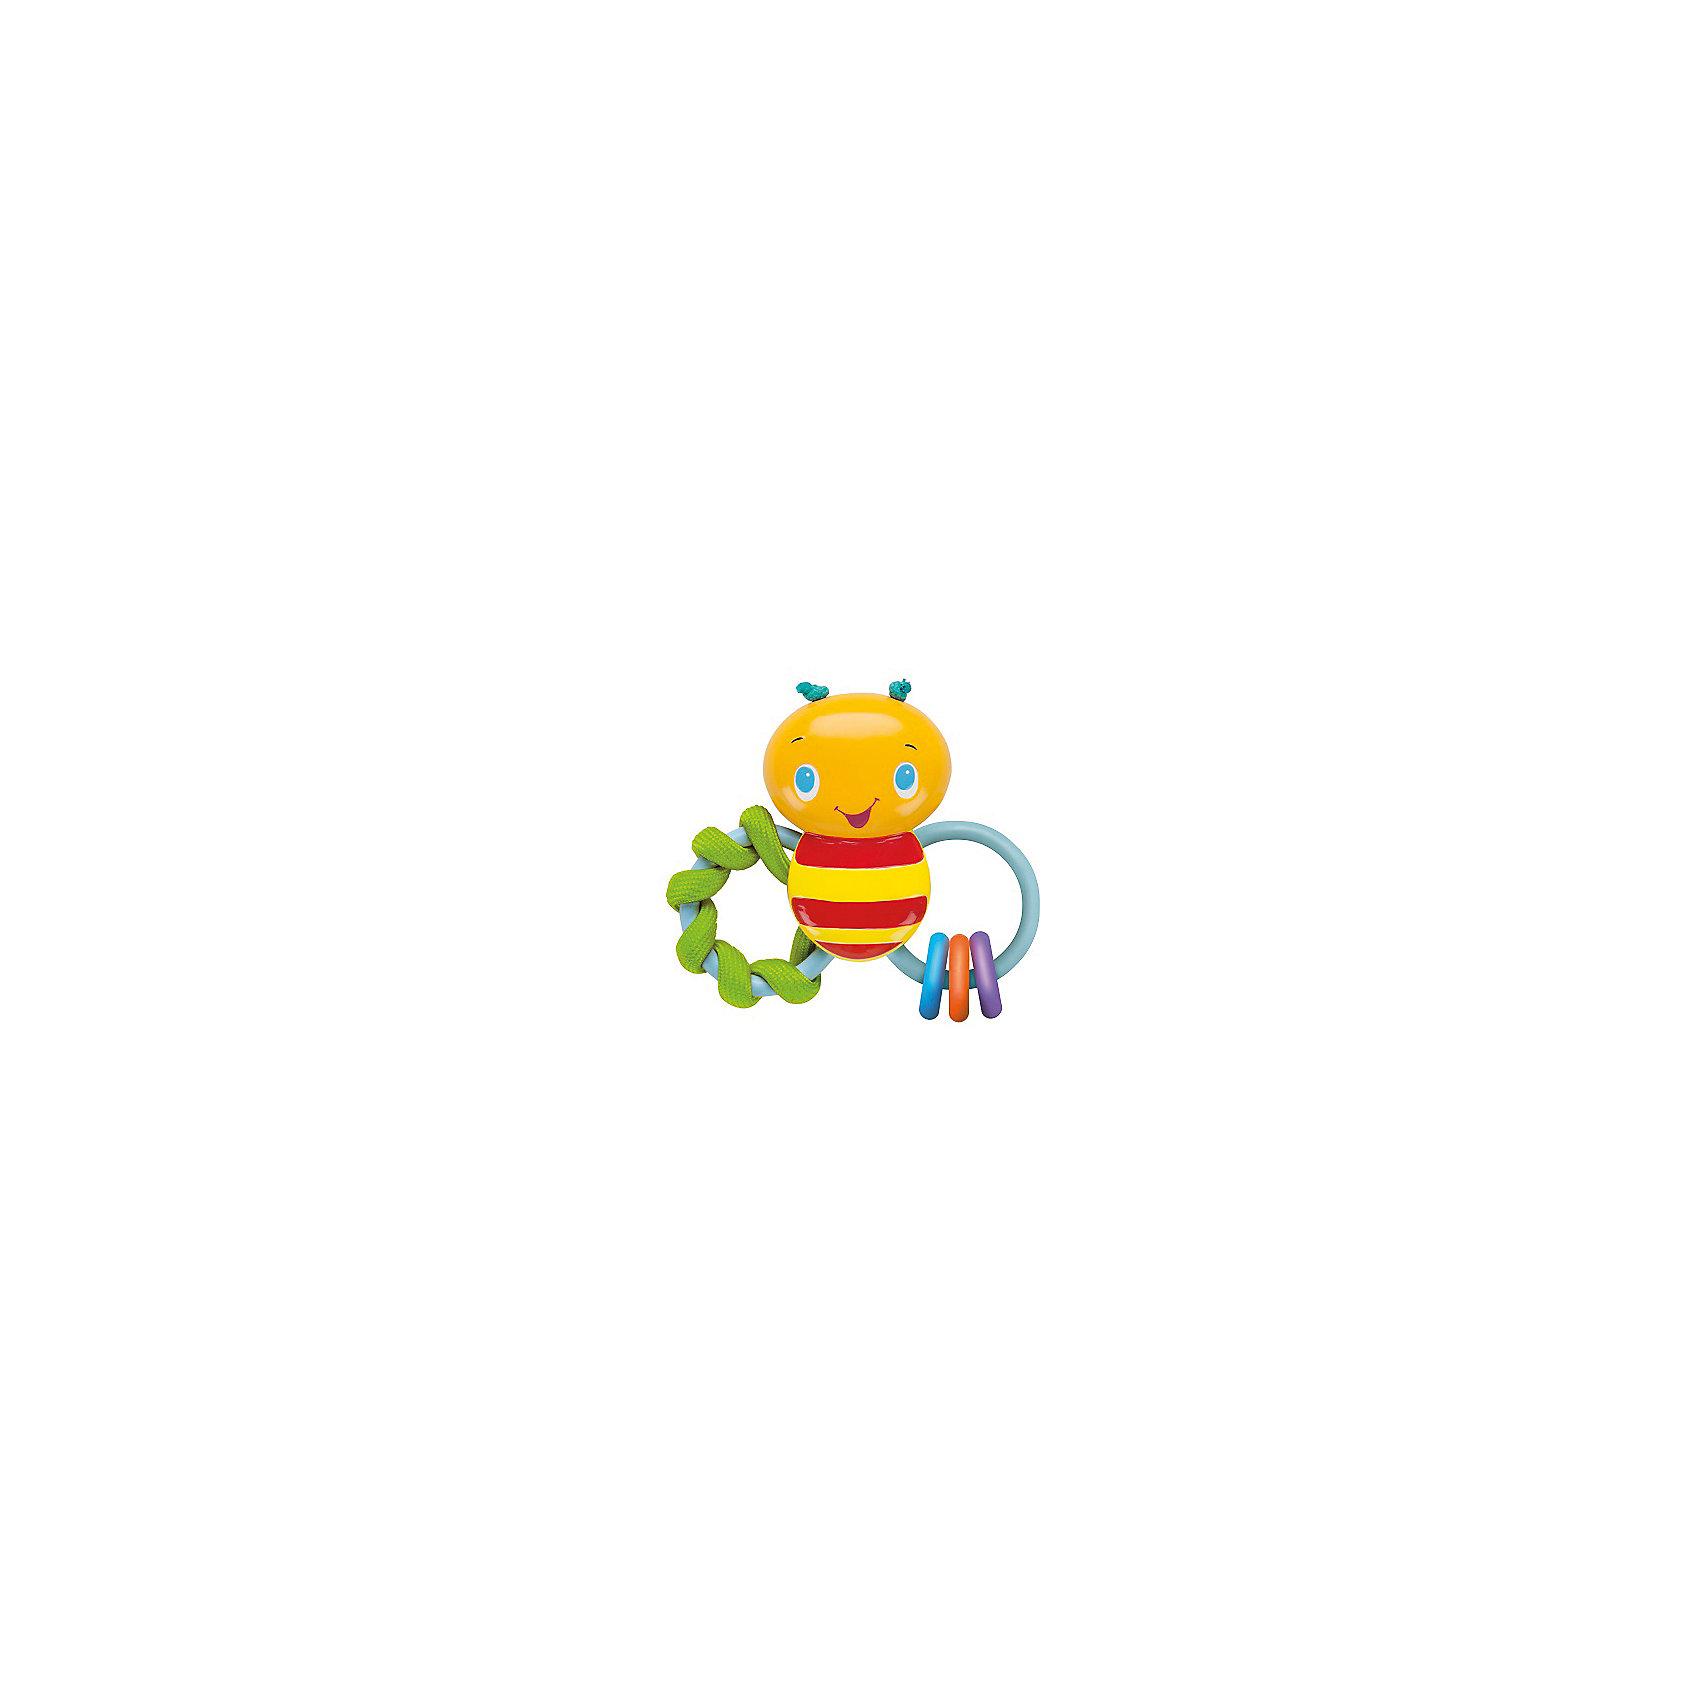 Погремушка Пчелка, Bright StartsПогремушки<br>Погремушка Пчелка от знаменитого американского бренда Bright Starts (Брайт стартс). Яркая и веселая погремушка в виде пчелки изготовленной из разного вида материала сделает игру малыша еще интереснее! Два колечка выполнены в виде крылышек, на одном из них текстильная спиралька, которая поможет развить тактильное восприятие малыша, а на другом крылышке три колечка, изготовленнных из высококачественной резины, поможет прорезаться зубкам и развить жевательные и кусательные рефлексы. Цветная пчелка так еще и погремушка, это поможет развить звуковое и цветовое восприятие ребенка. <br>- Дополнительная информация:<br>- Материал: пластик, резина, текстиль<br>- Размер 13 * 12 * 4 см.<br><br>Погремушку Пчелка, Bright Starts можно купить в нашем интернет-магазине.<br><br>Подробнее:<br>• Для детей в возрасте: от 0 месяцев до 1 года<br>• Номер товара: 4918357<br>Страна производитель: Китай<br><br>Ширина мм: 142<br>Глубина мм: 193<br>Высота мм: 36<br>Вес г: 104<br>Возраст от месяцев: 0<br>Возраст до месяцев: 36<br>Пол: Унисекс<br>Возраст: Детский<br>SKU: 4918357